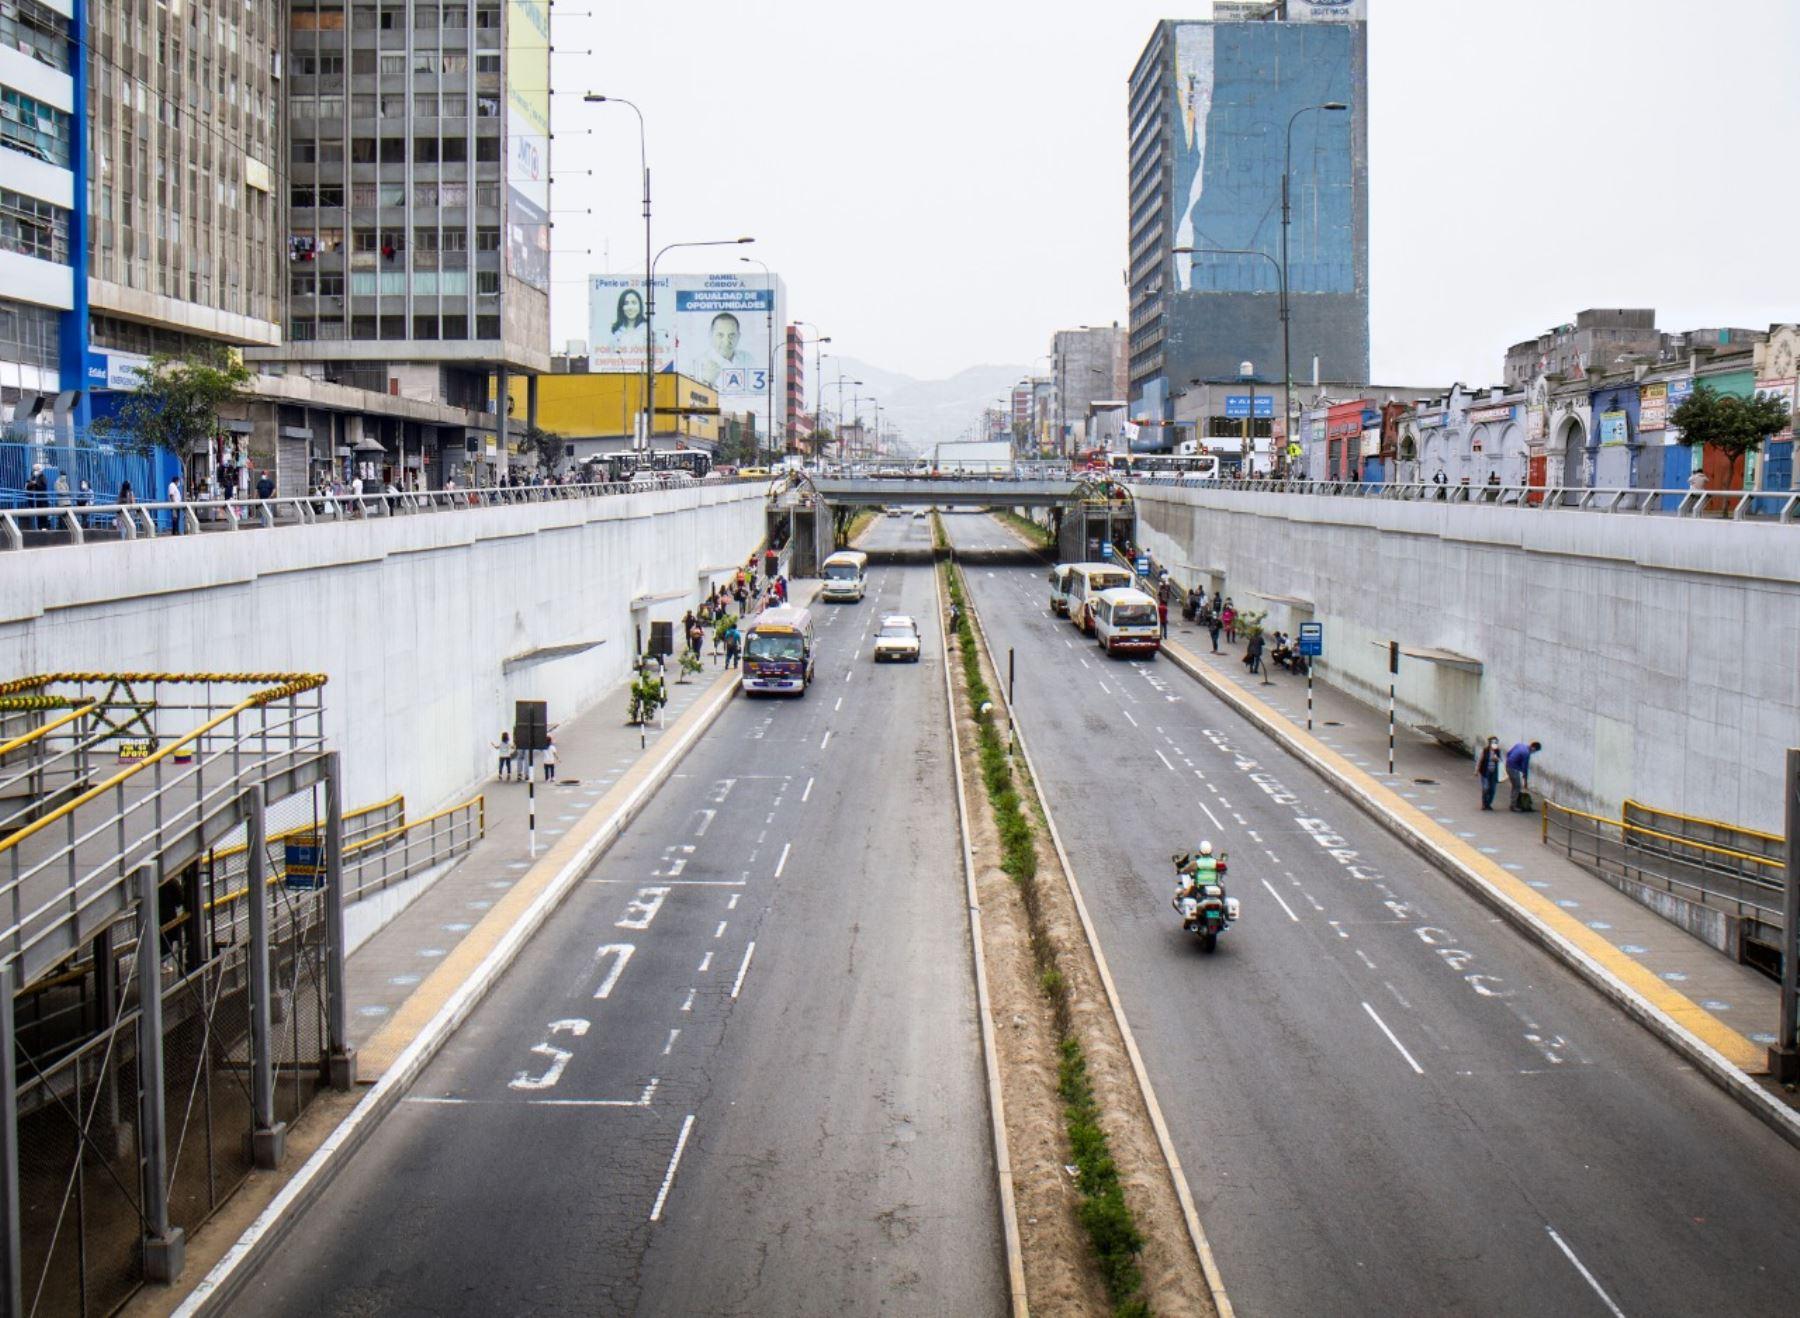 via-expresa-grau-taxis-y-vehiculos-particulares-podran-circular-hasta-marzo